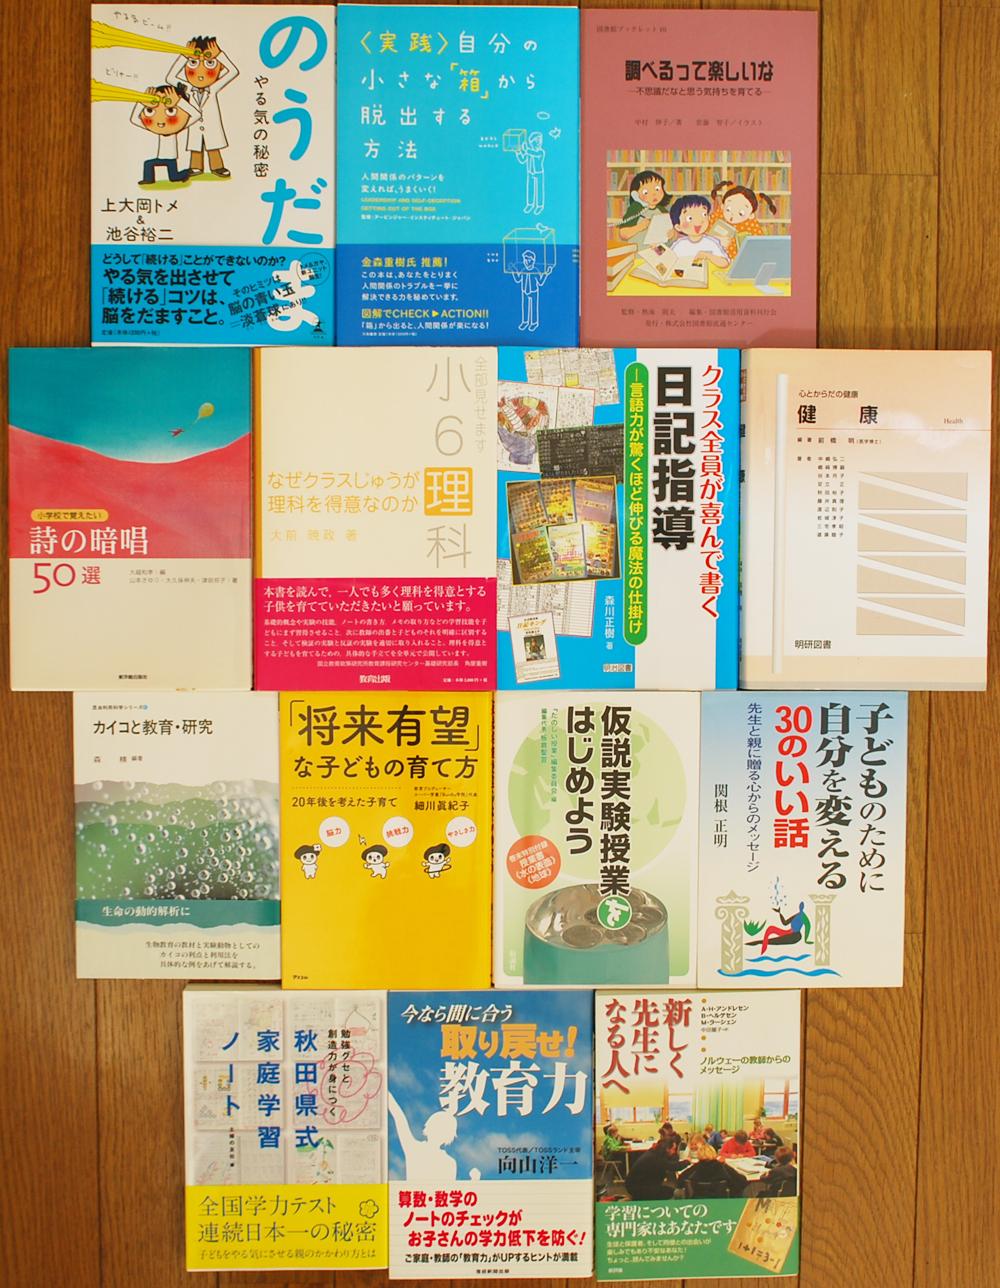 のうだま―やる気の秘密、小学校で覚えたい詩の暗唱50選、カイコと教育・研究など指導書、教育書を買取!